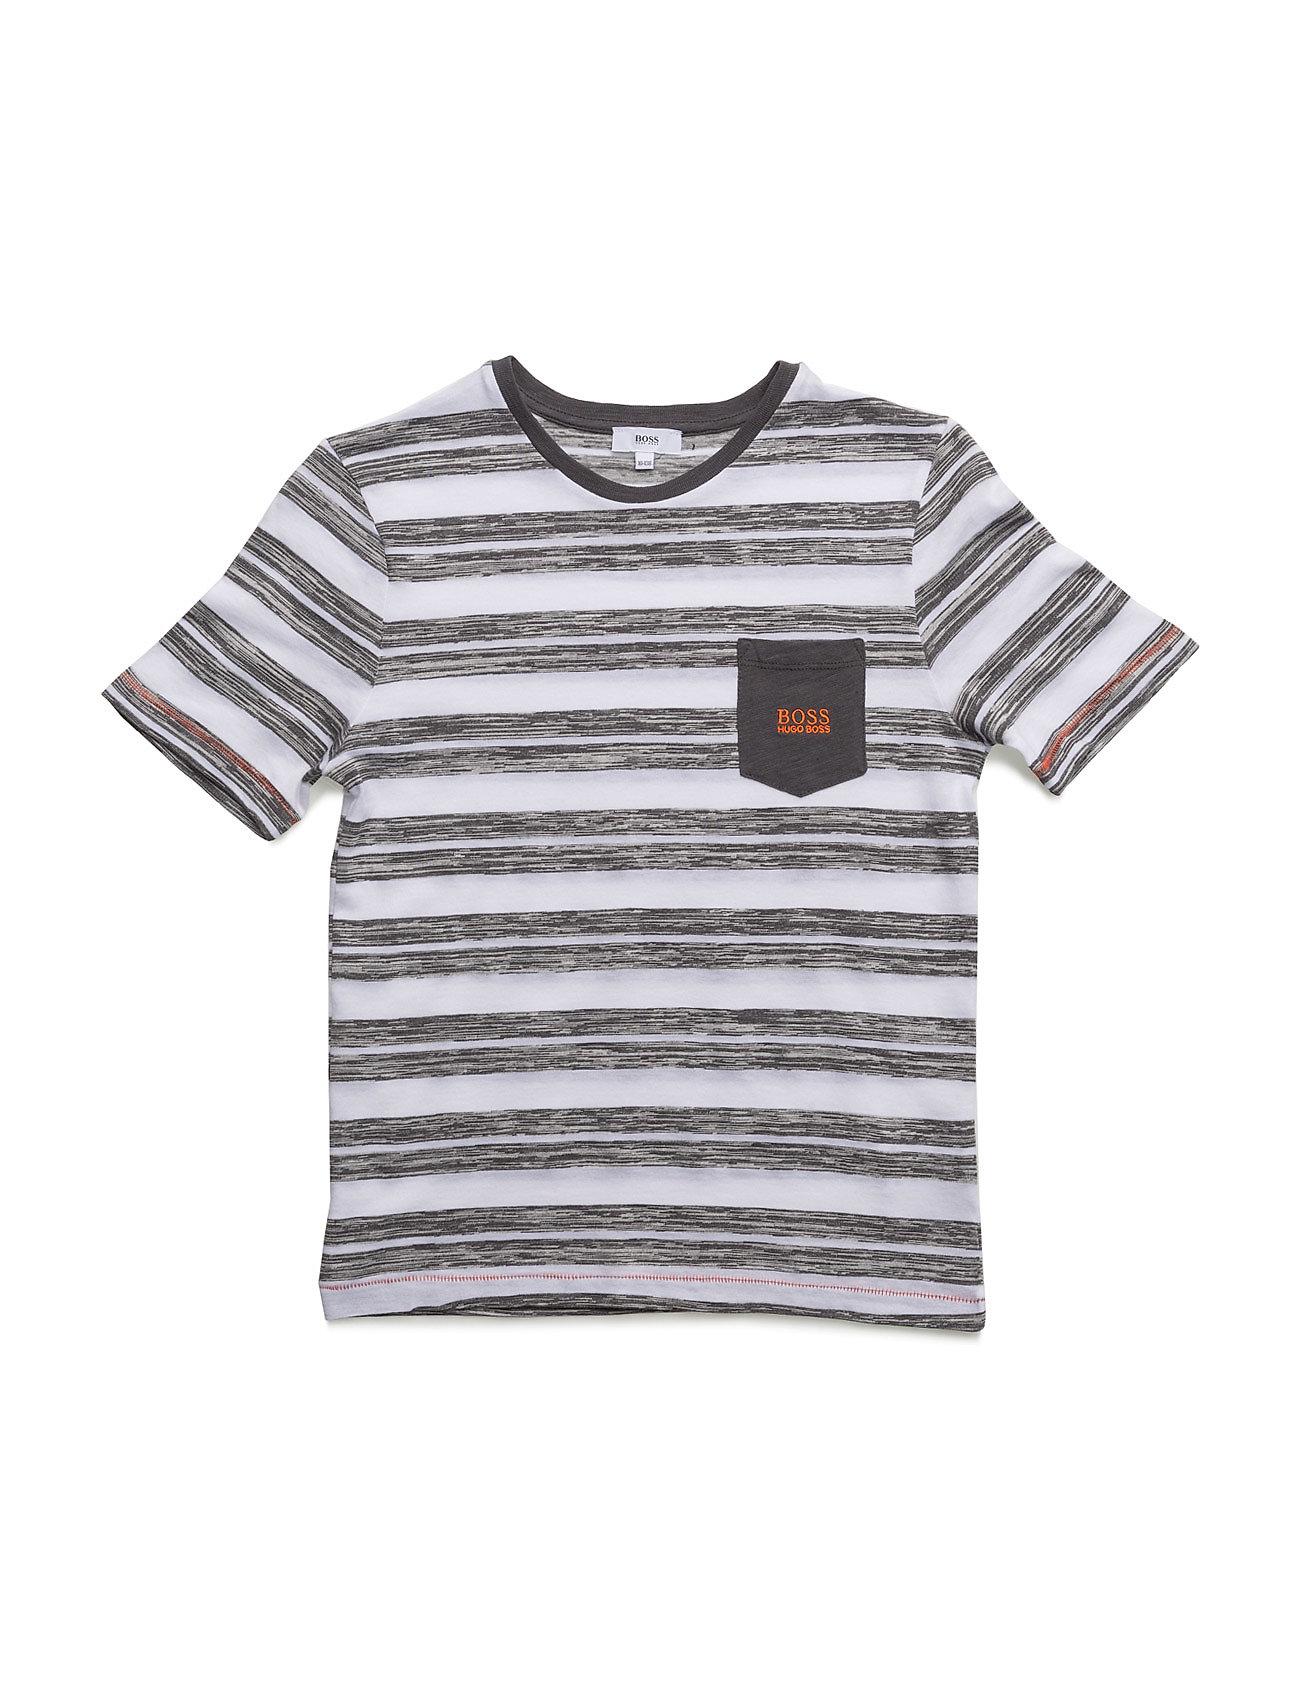 Short Sleeves Tee-Shirt BOSS Kortærmede t-shirts til Børn i